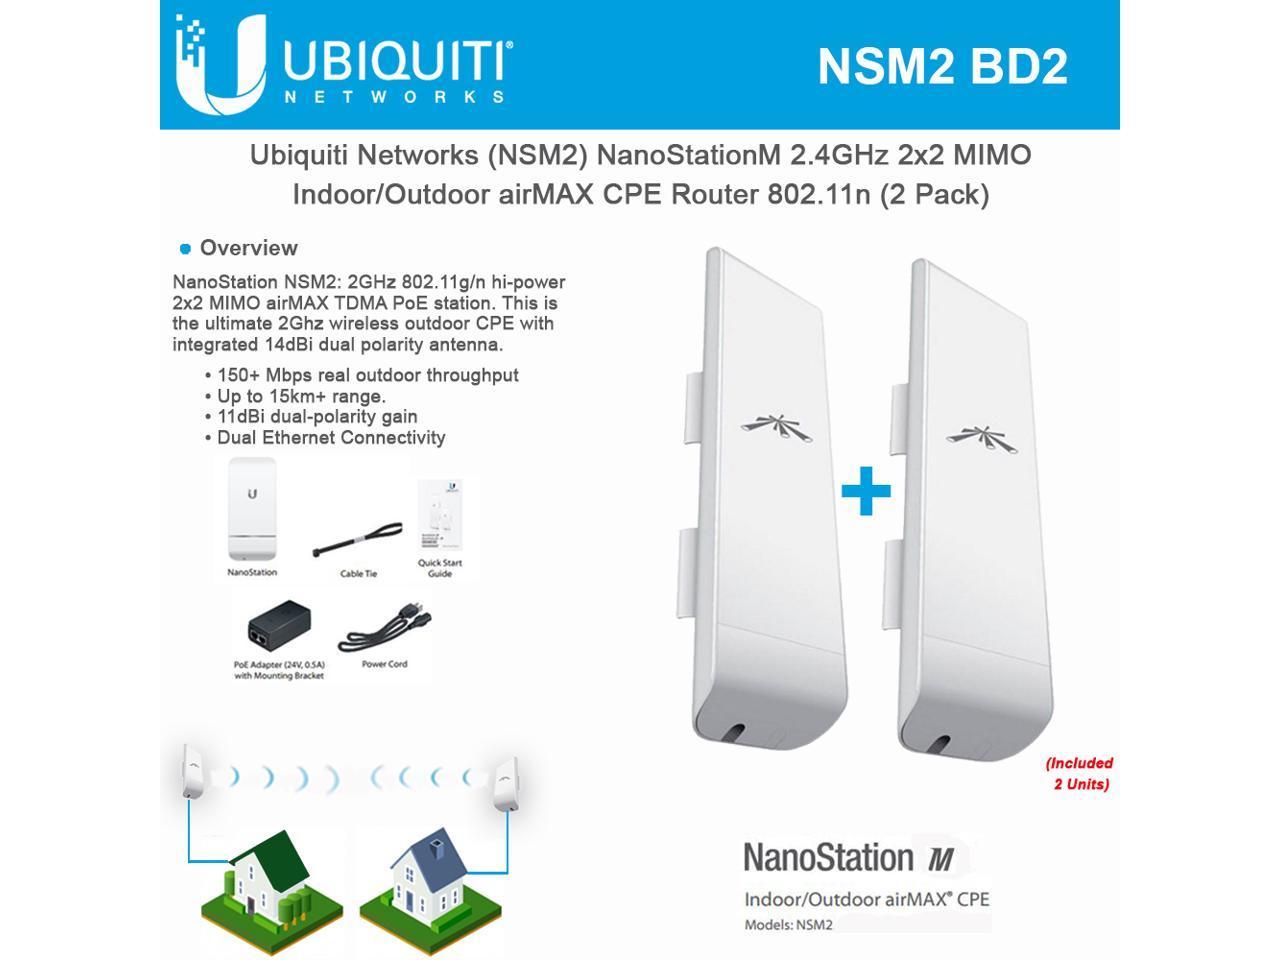 Ubiquiti NSM2 NanoStation M2 2.4GHz Indoor/Outdoor airMAX CPE 150+ Mbps  (2PACK) - Newegg.com | Nanostation M2 Wiring Diagram |  | Newegg.com